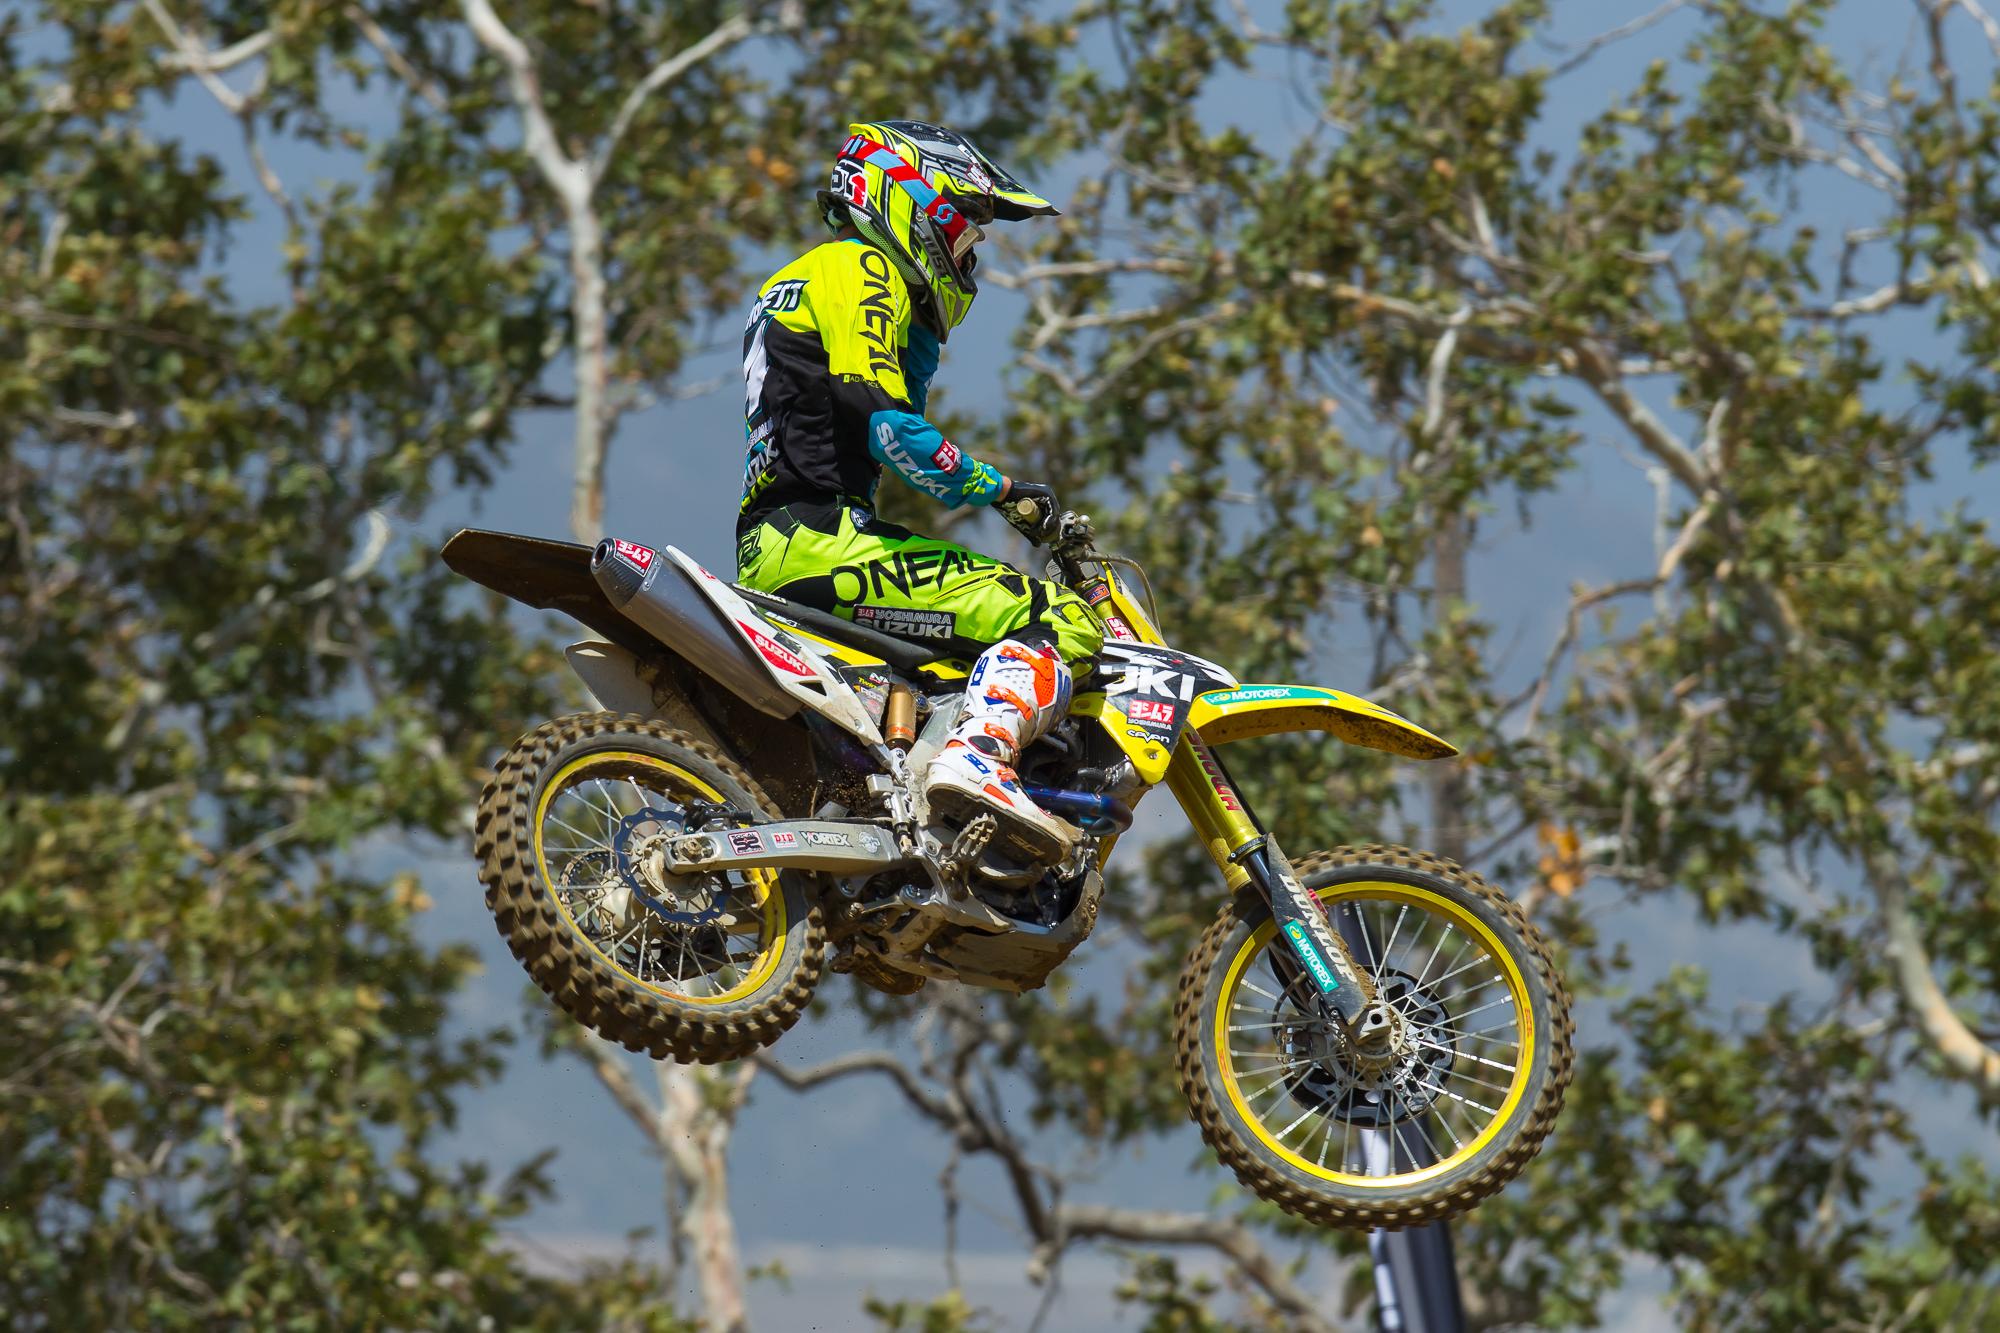 Baggett at Glen Helen Motocross 2016